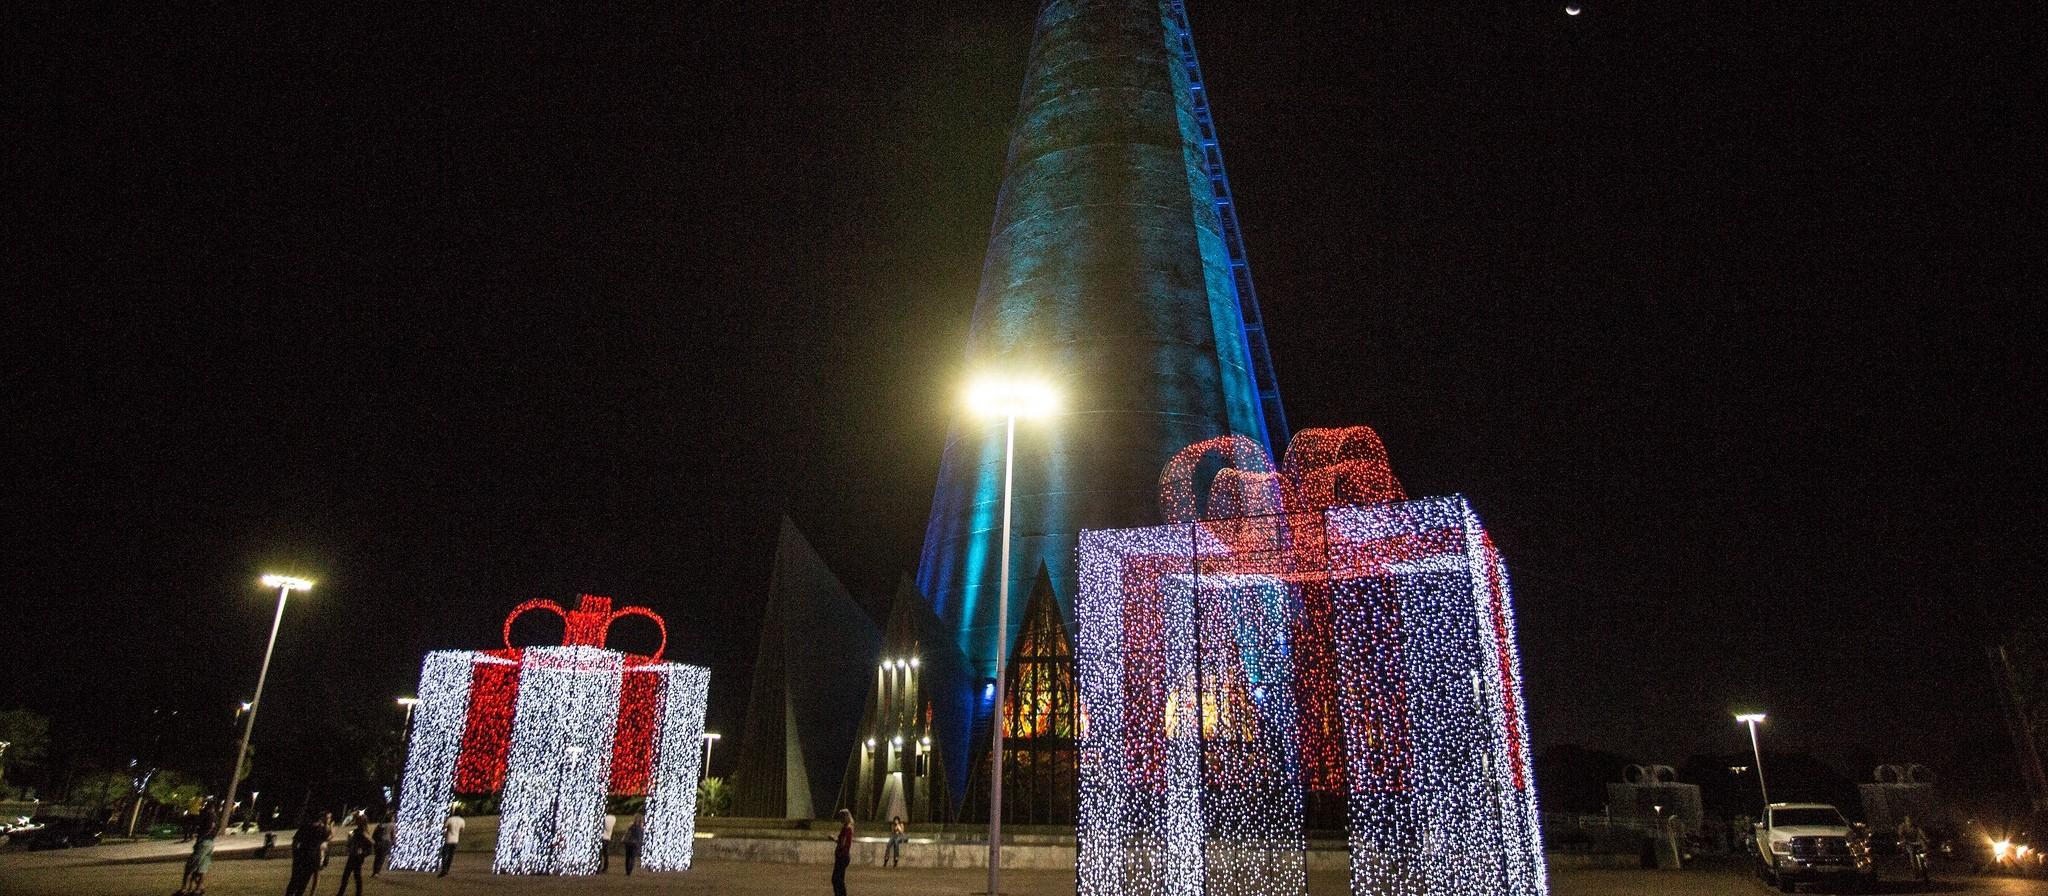 Quase 5% da decoração natalina foi furtada em Maringá